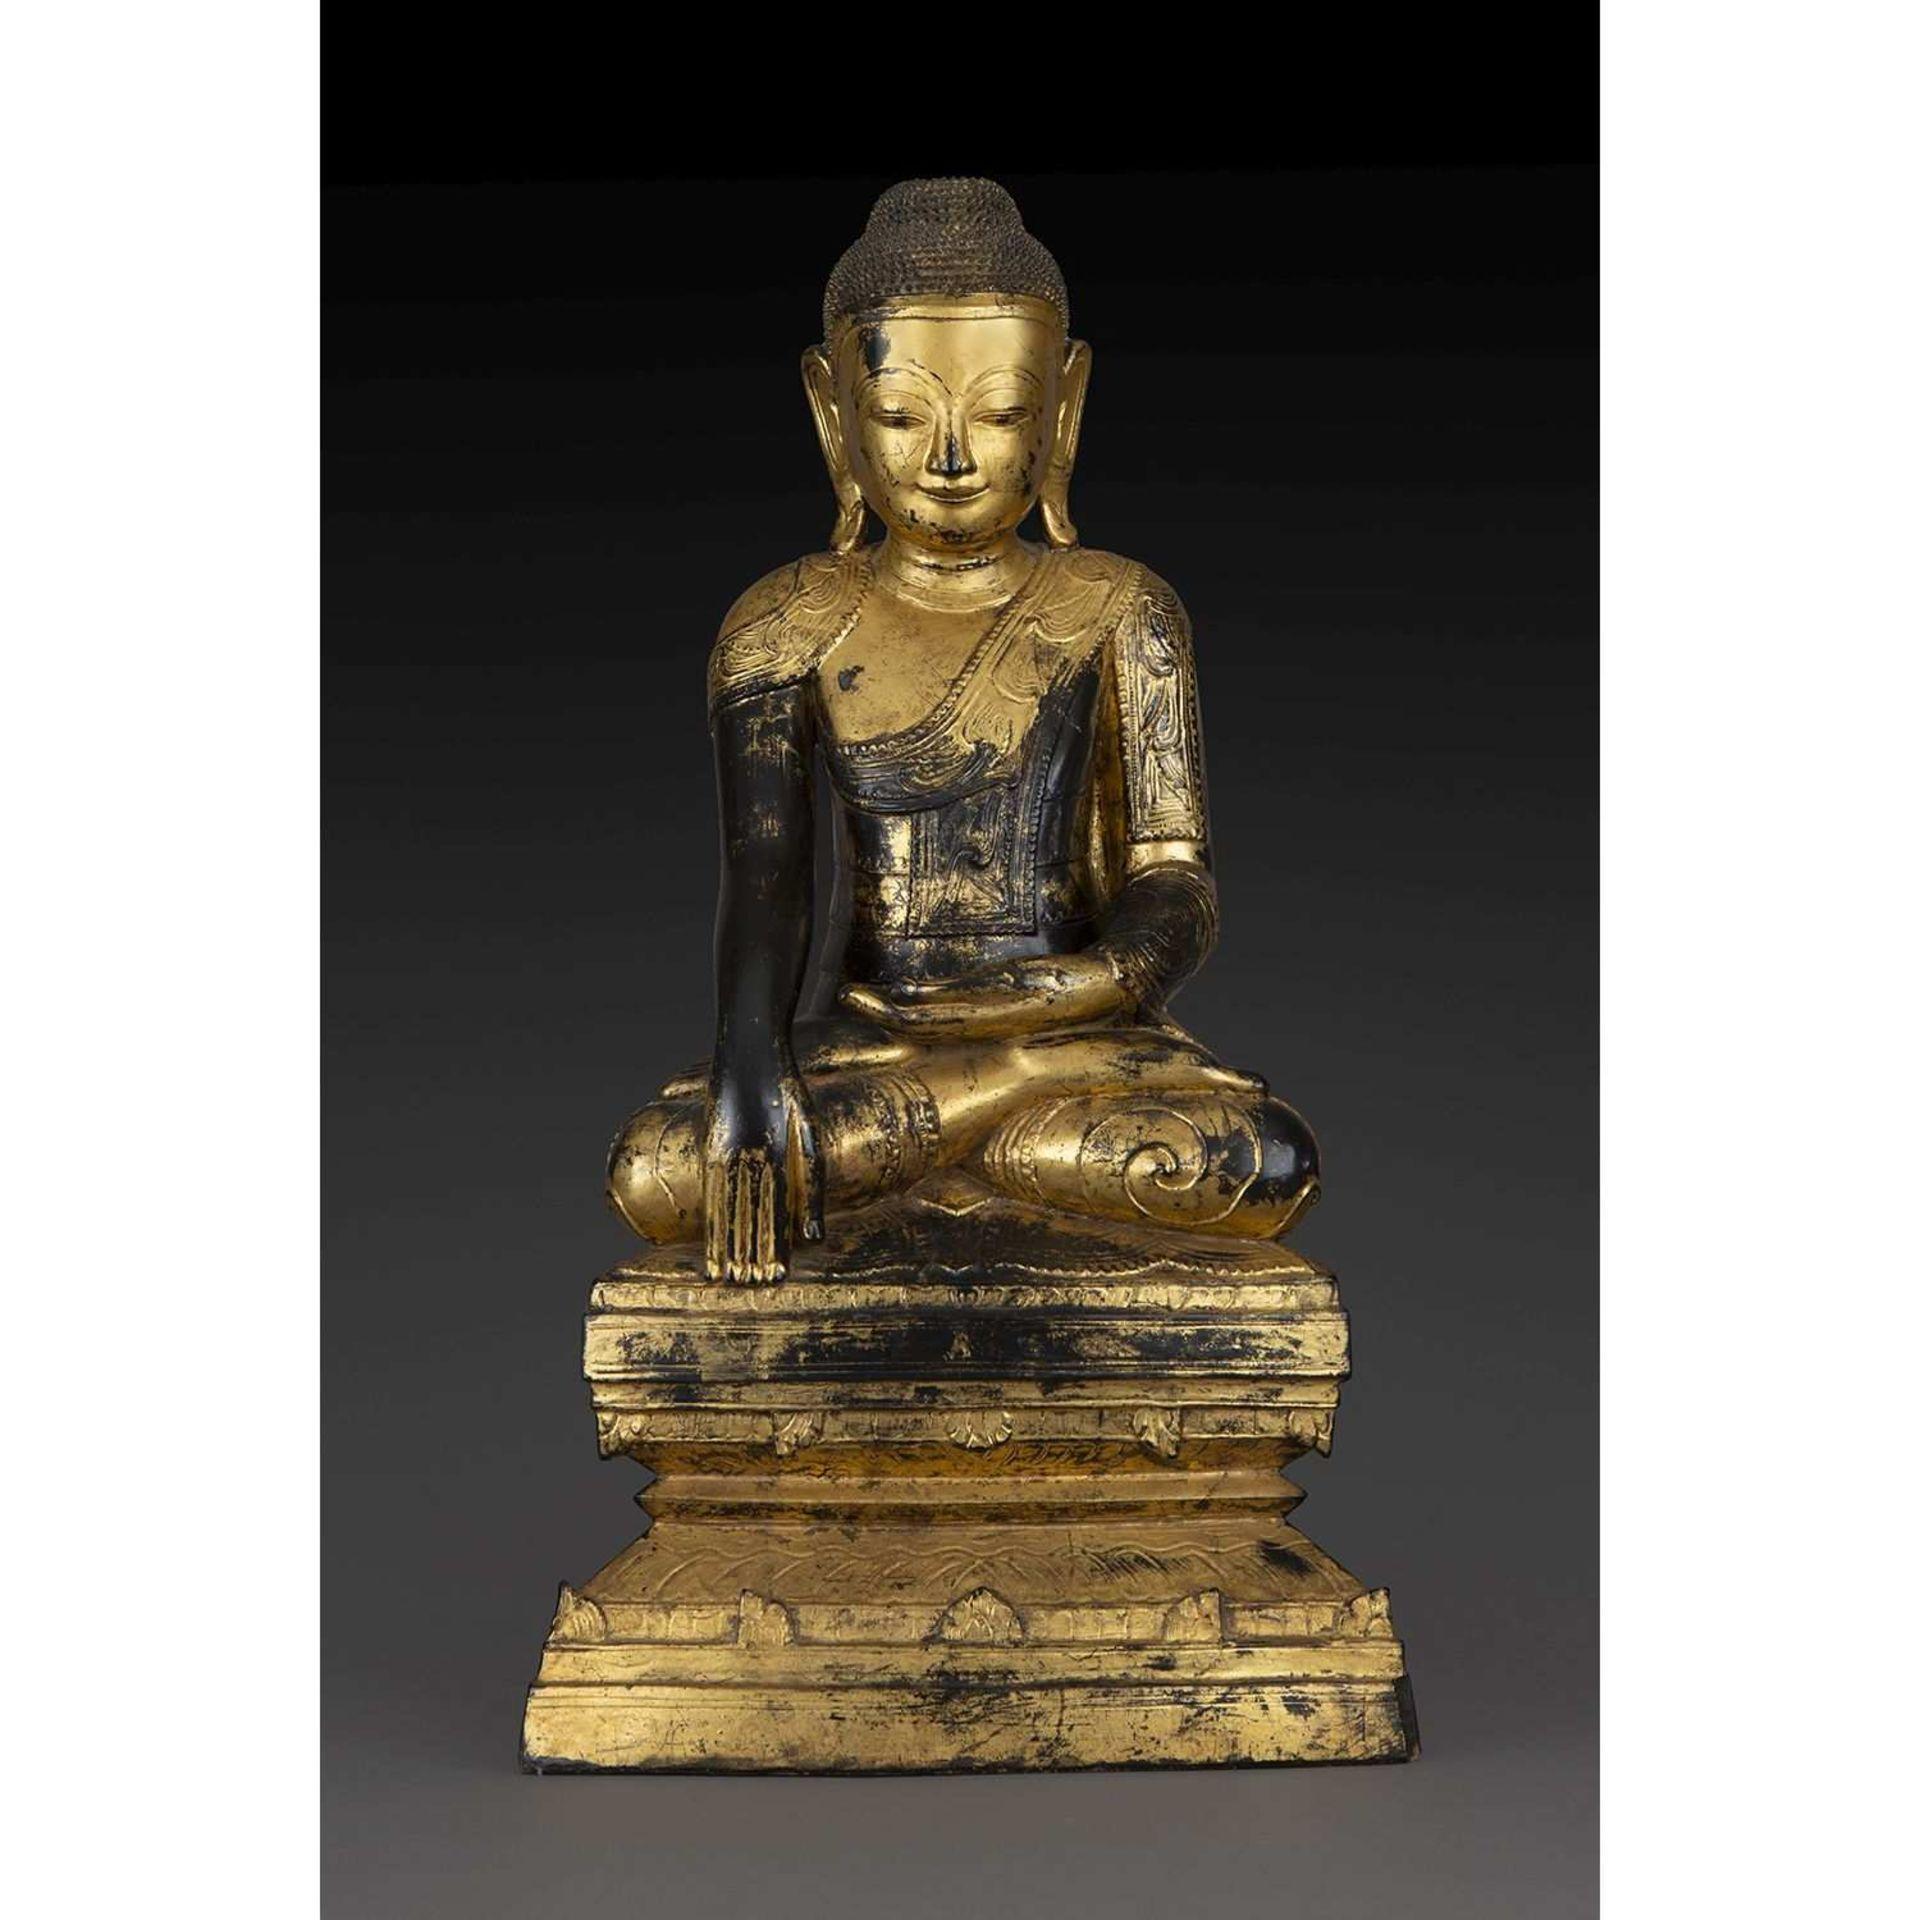 GRANDE STATUE DE BOUDDHA SHAKYAMUNI en bois sculpté, laqué et doré, représenté en virasana, les